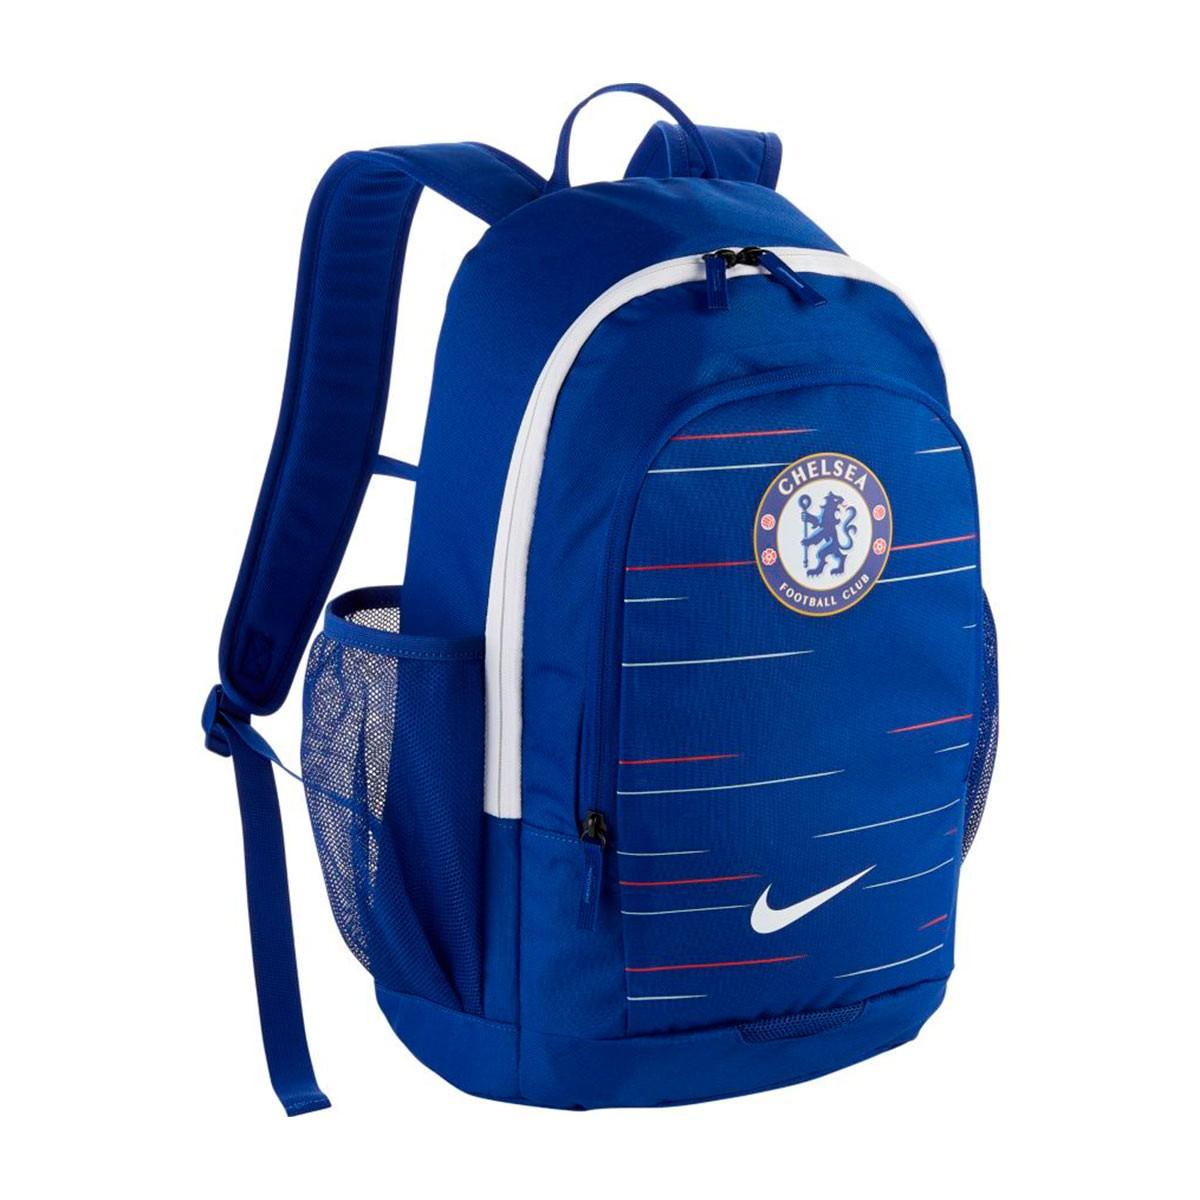 c60ed80c08 Nike Chelsea FC Stadium 2018-2019 Backpack. Rush blue-White ...